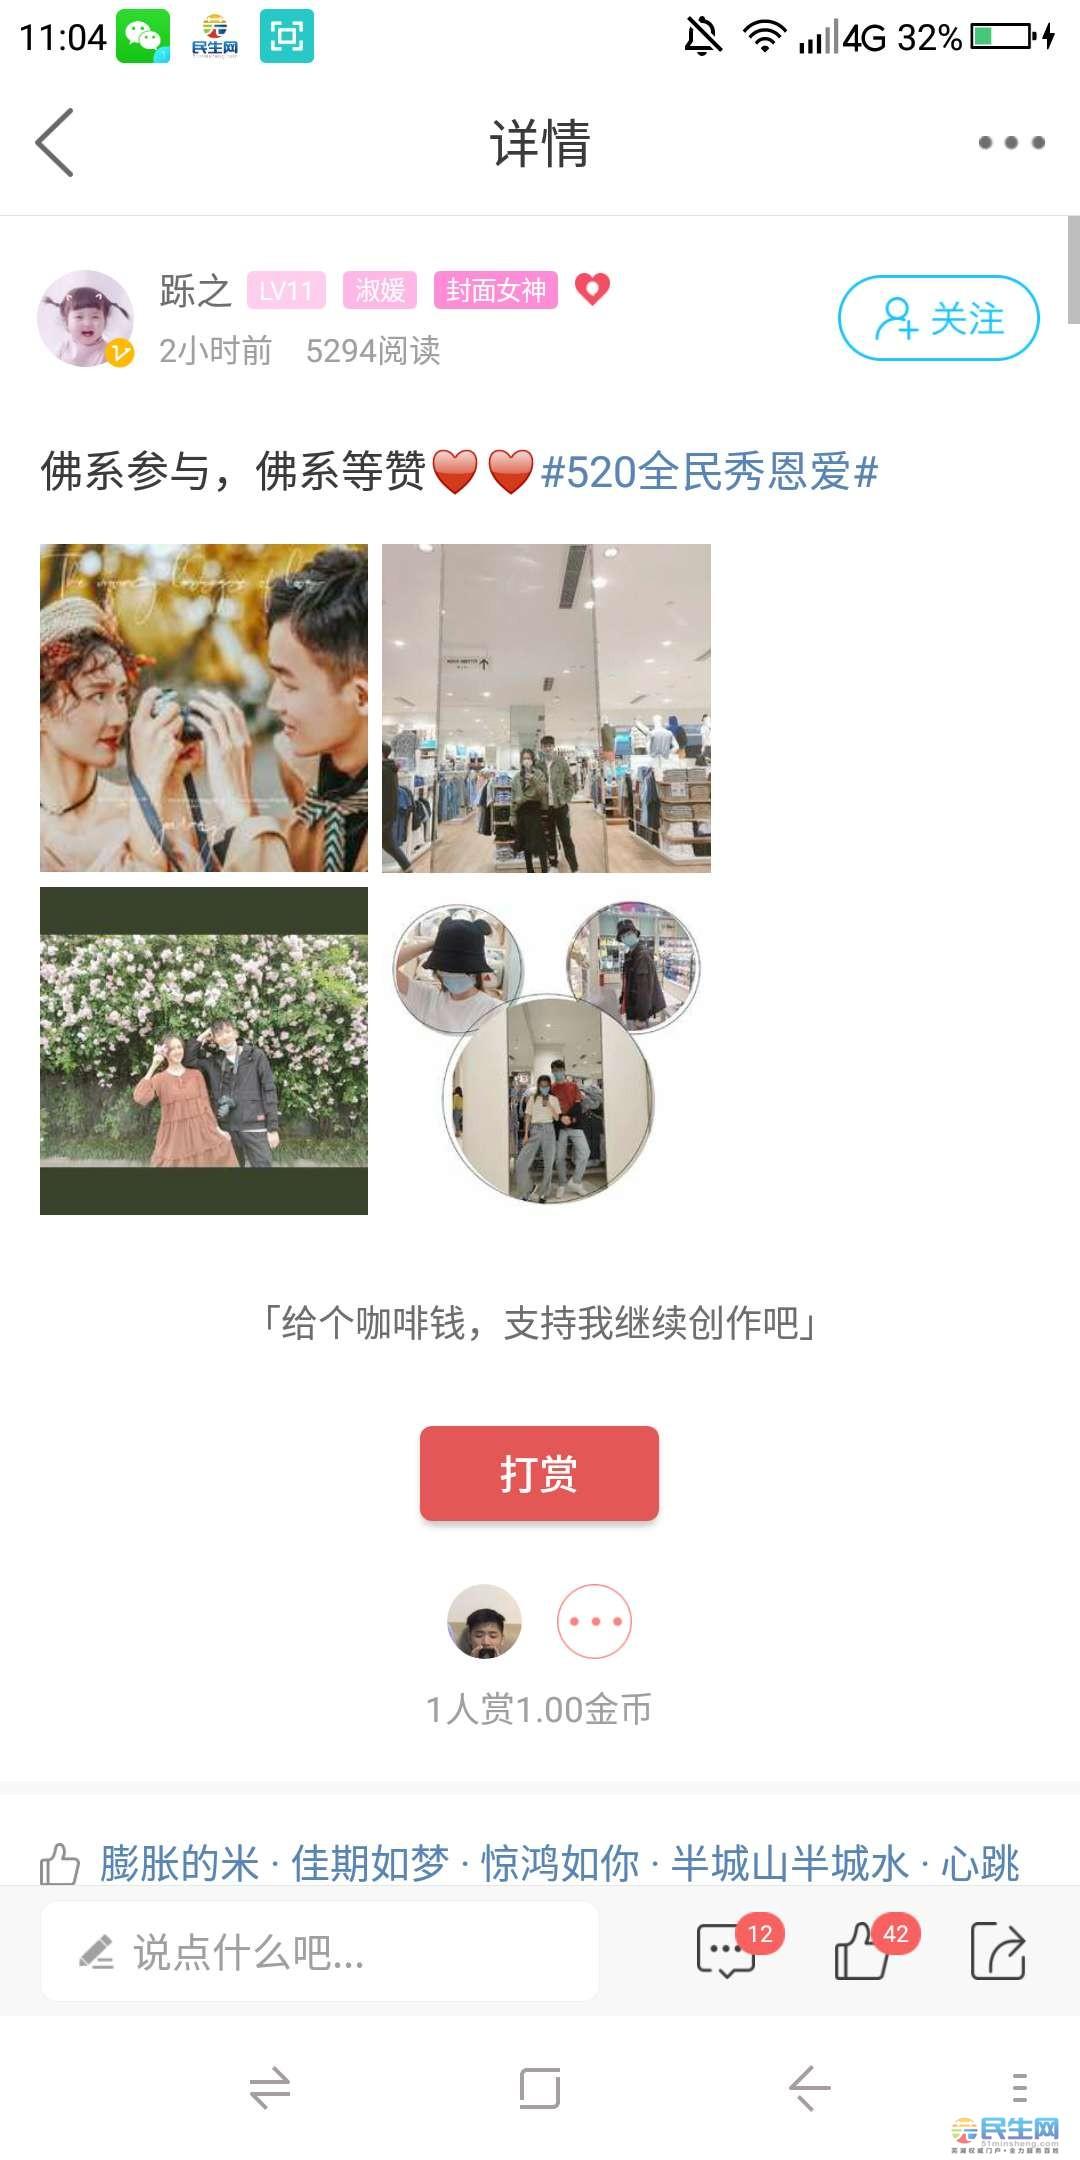 微信图片_202005191106032.jpg